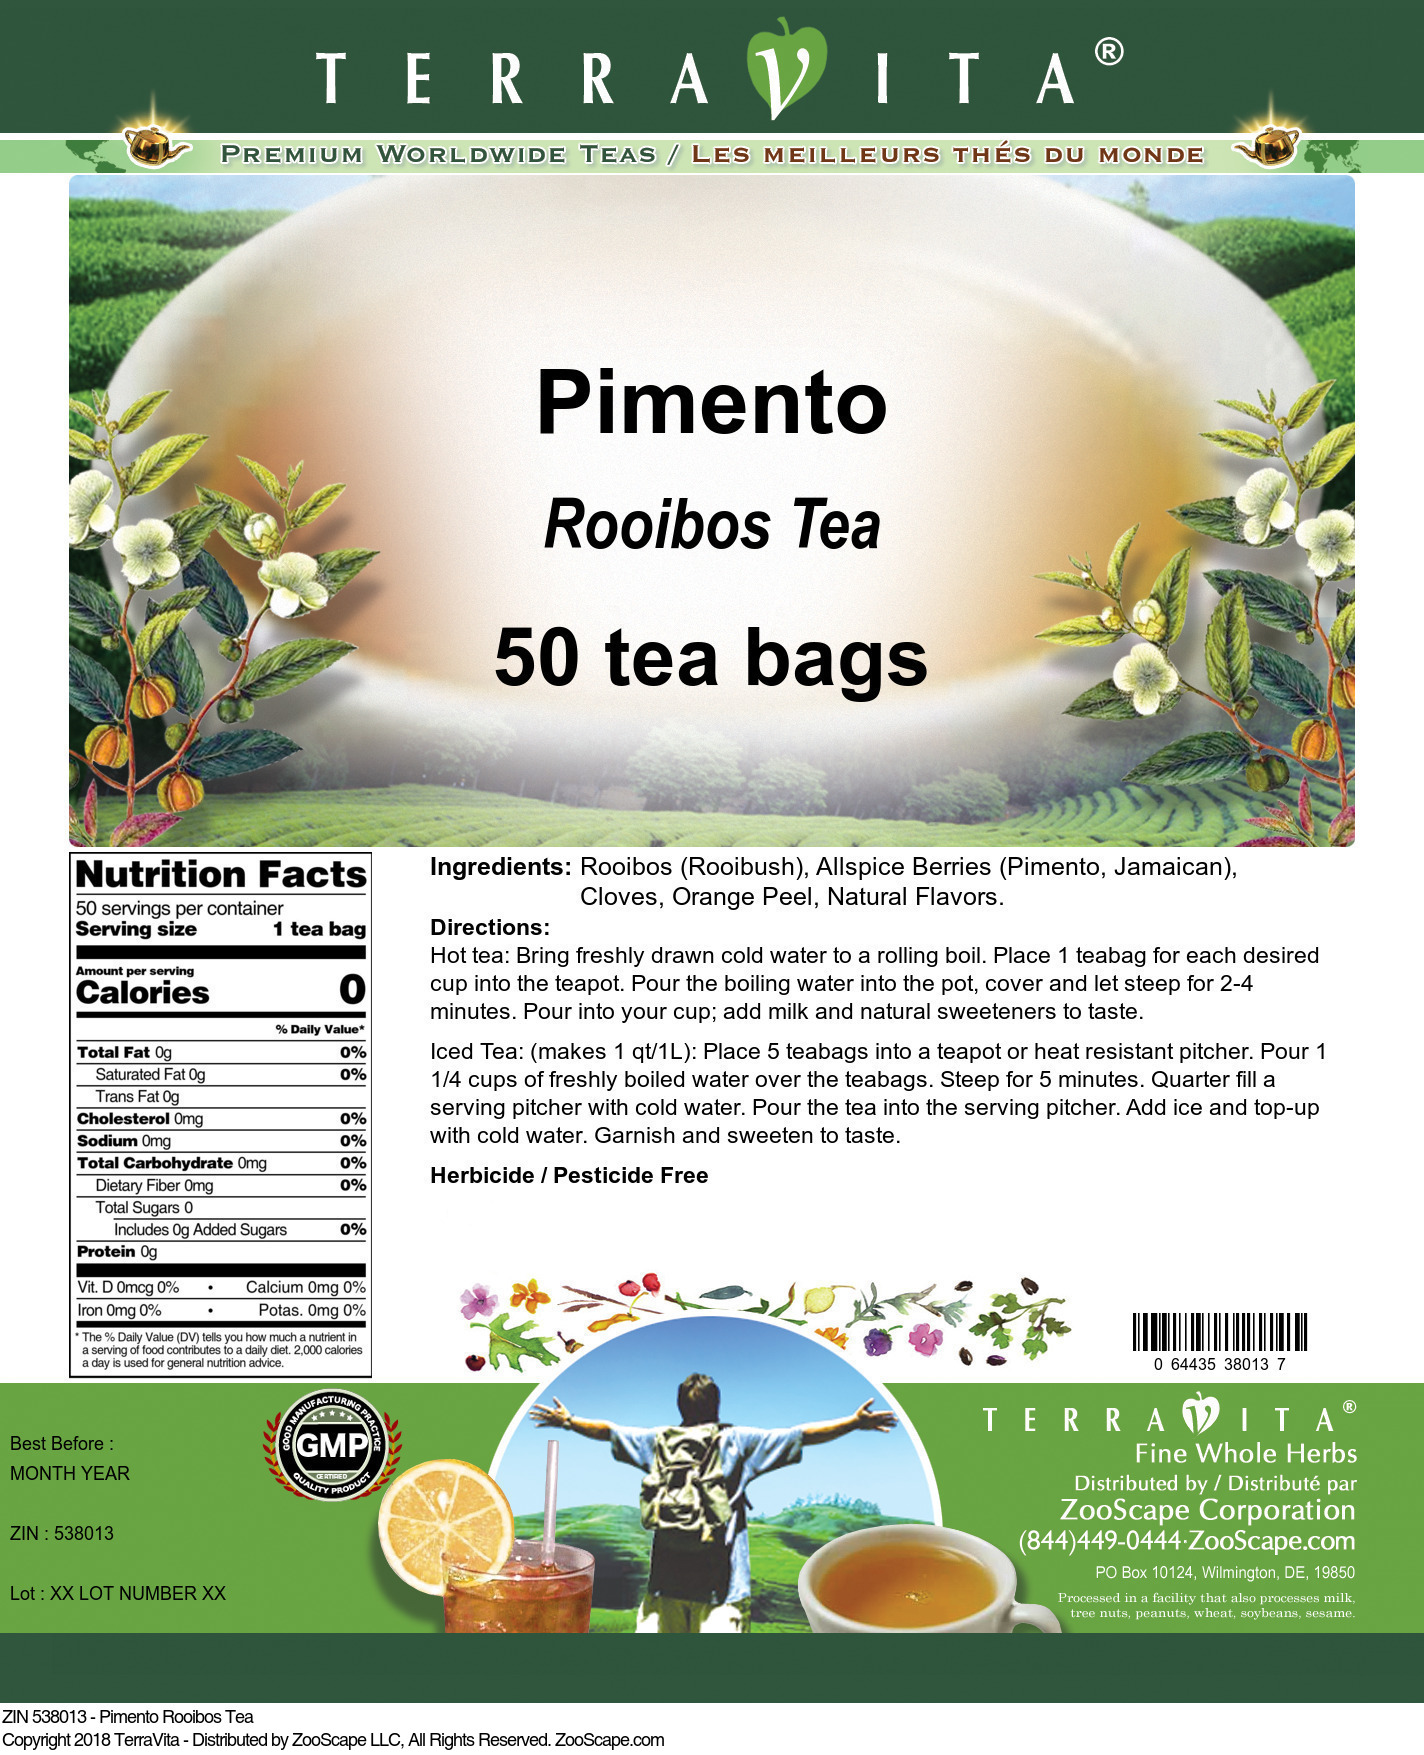 Pimento Rooibos Tea